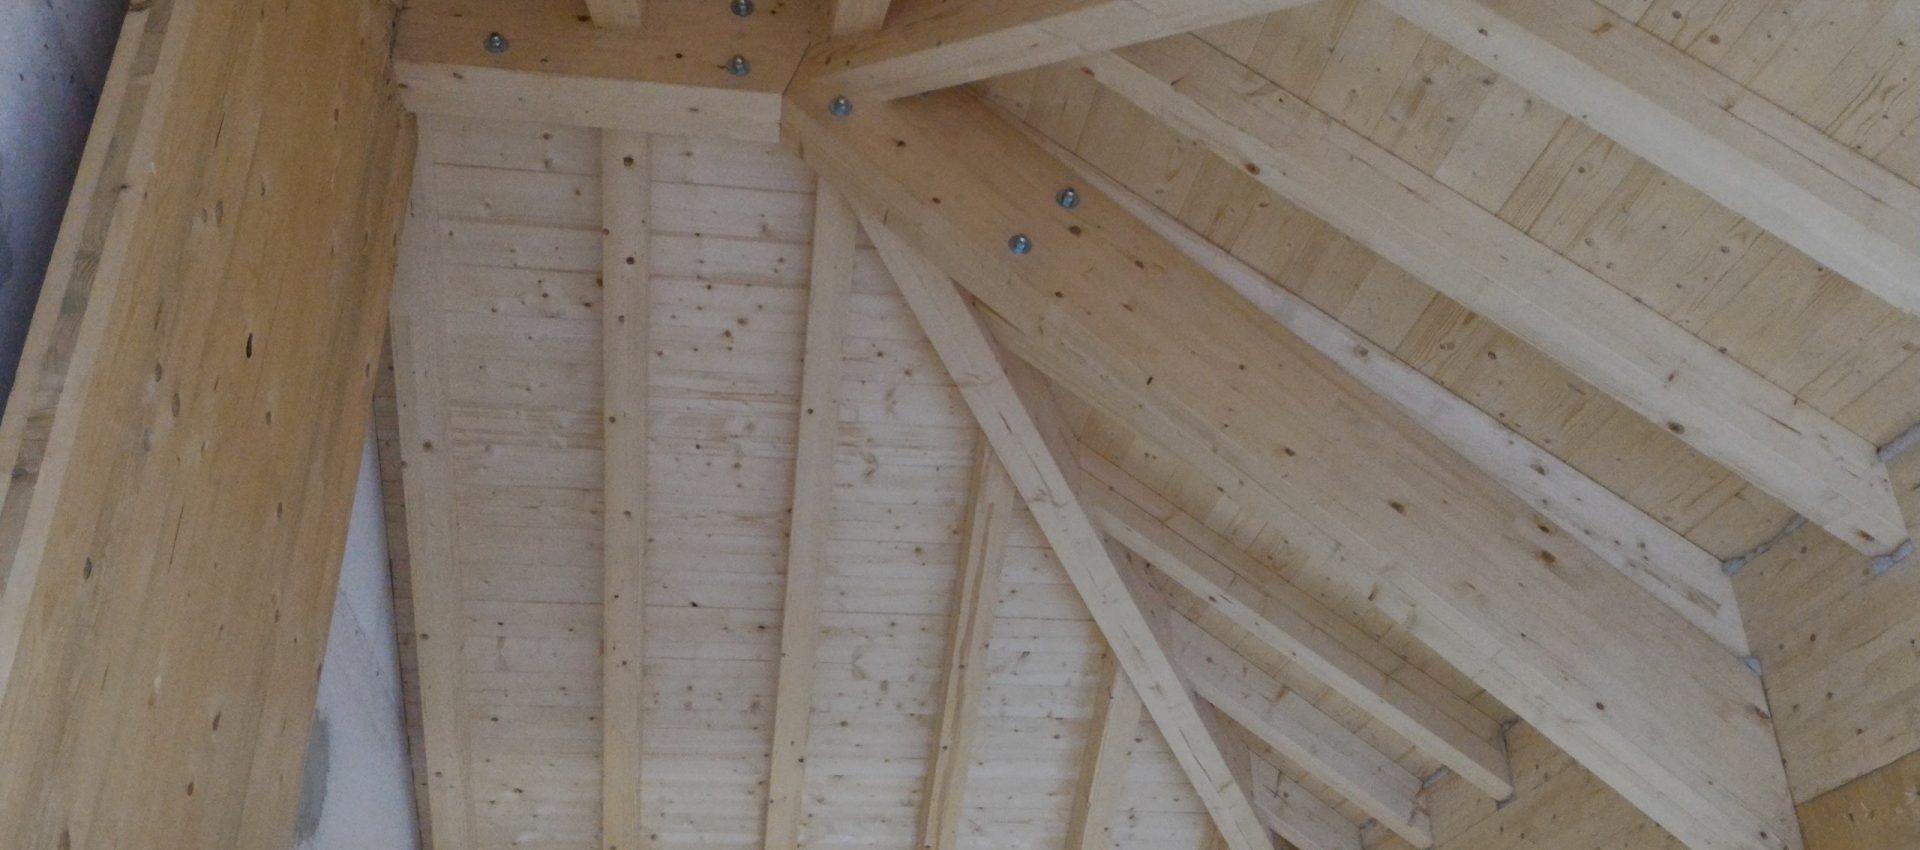 ampliamento legno Castoi Belluno